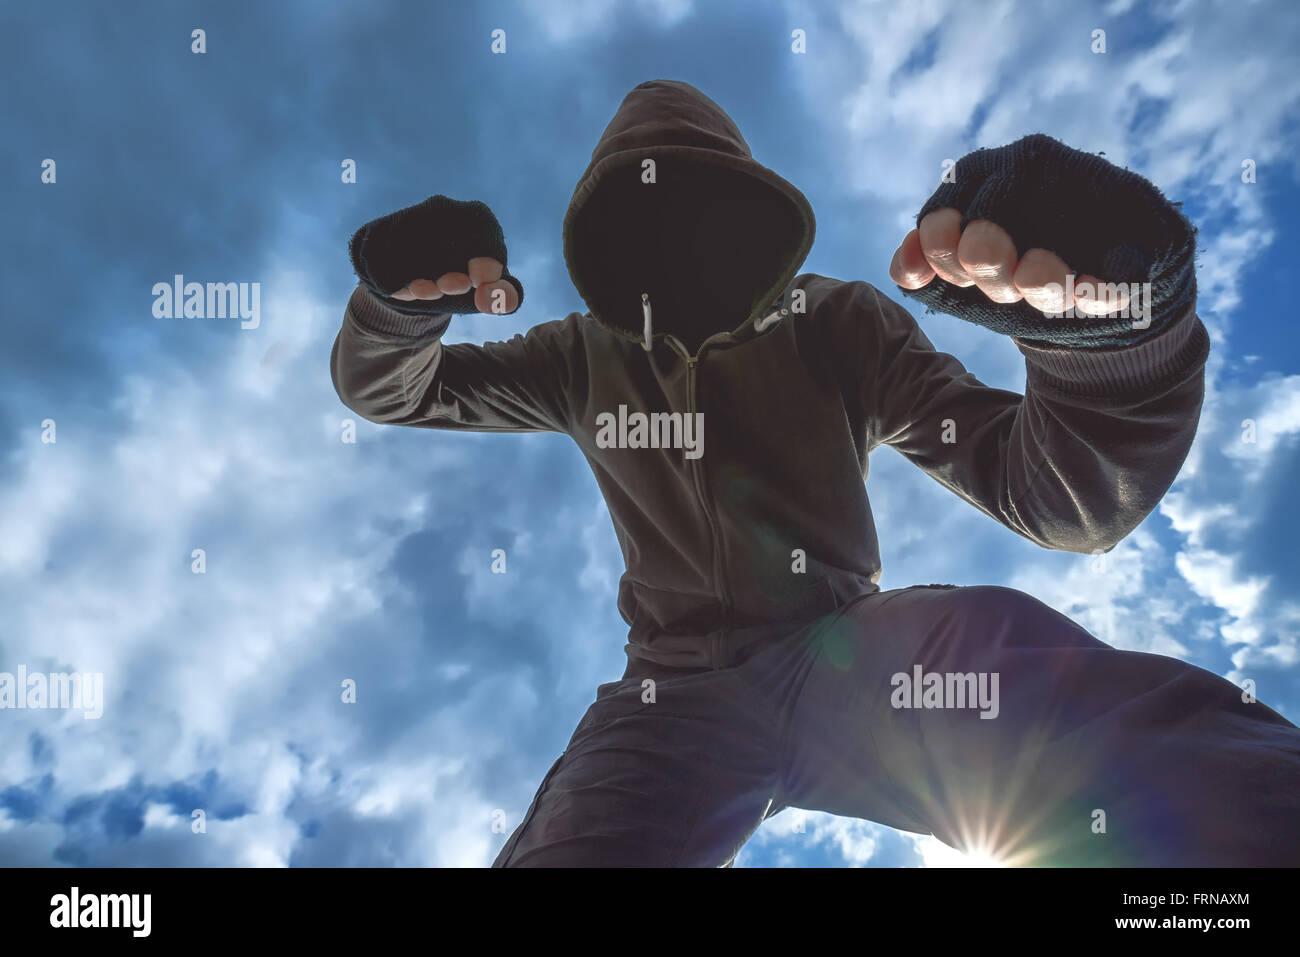 Ataque violento, hombres encapuchados irreconocible criminal víctima de patadas y golpes en la calle. Imagen De Stock